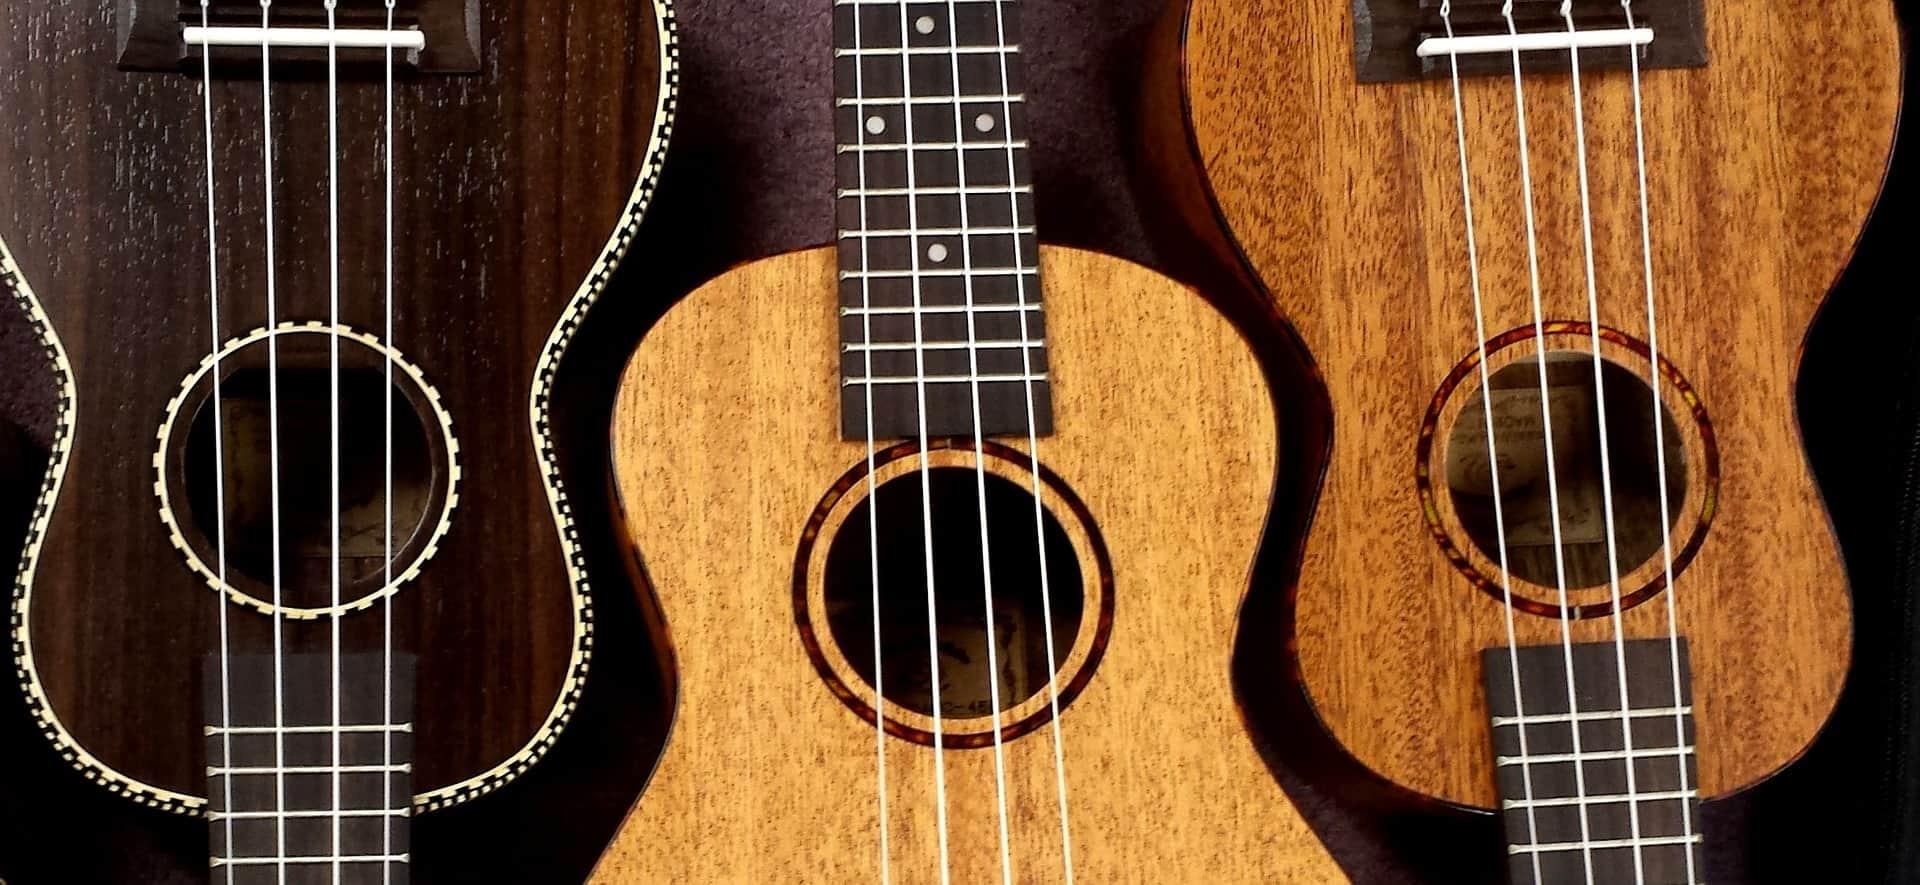 Imagem mostra três ukuleles de cores diferentes feitos de madeira um ao lado do outro.